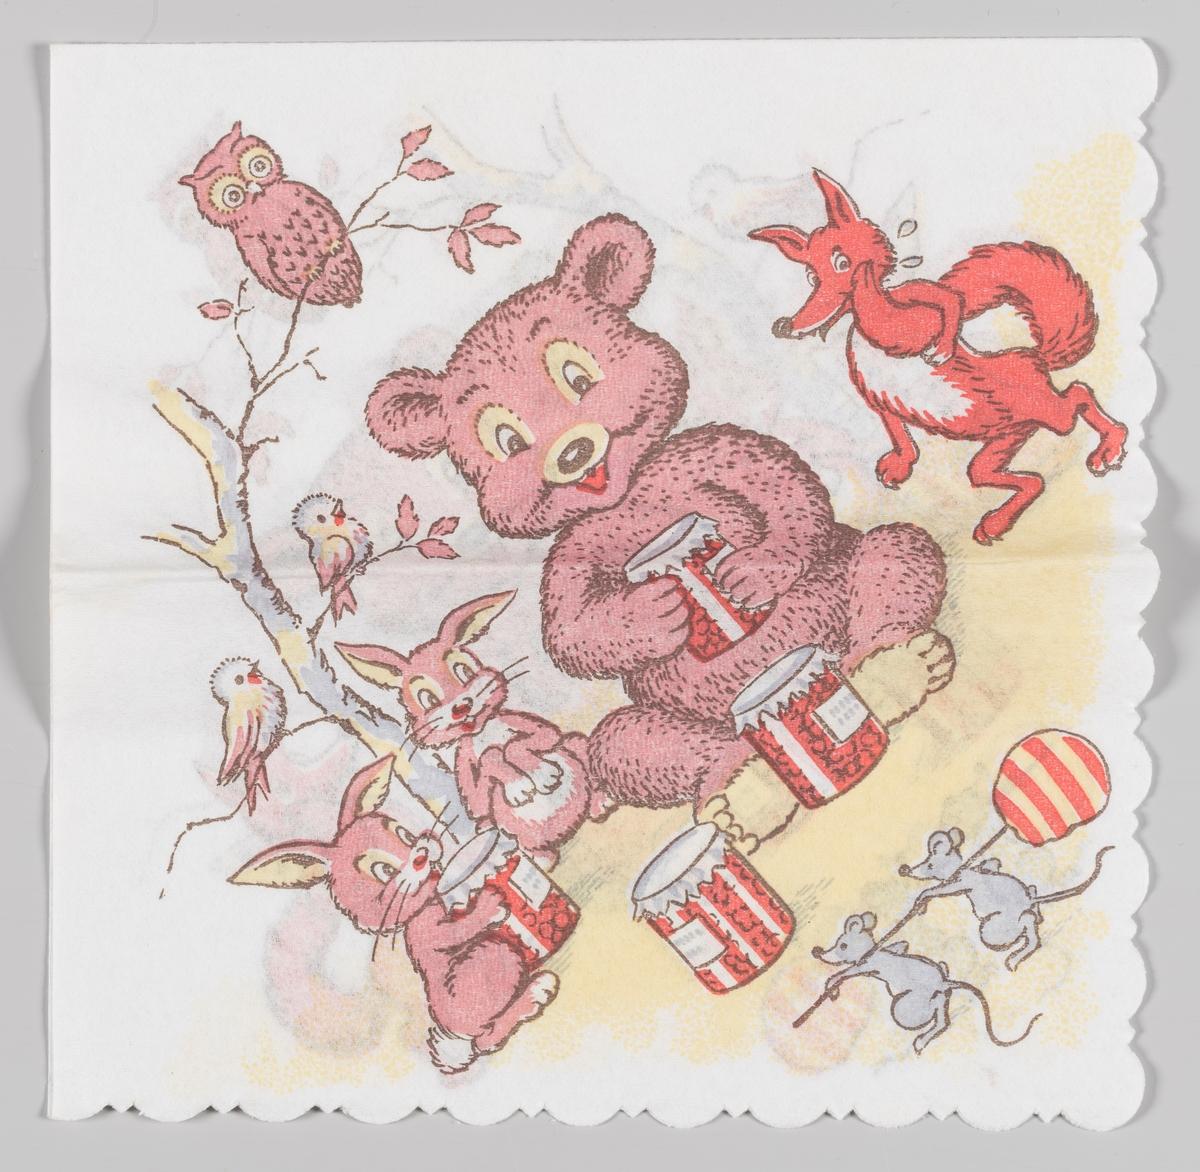 En bjørn og to harer sitter med noen glasskrukker med noe godt i. En rev står og kigger på. To mus bærer på en kjærlighet på pinne. En ugle og to fugler sitter i et tre.